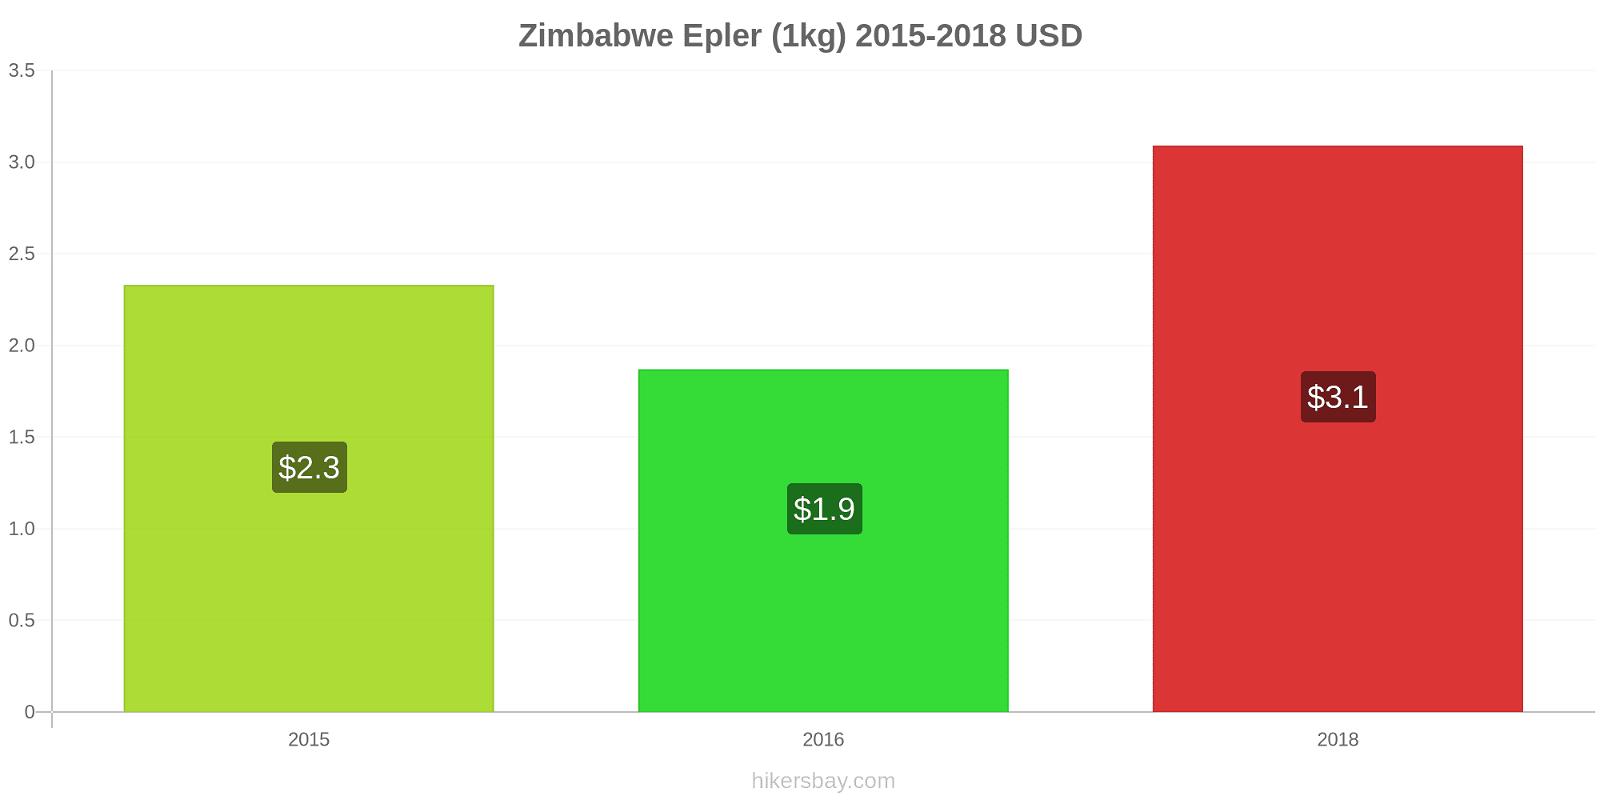 Zimbabwe prisendringer Epler (1kg) hikersbay.com